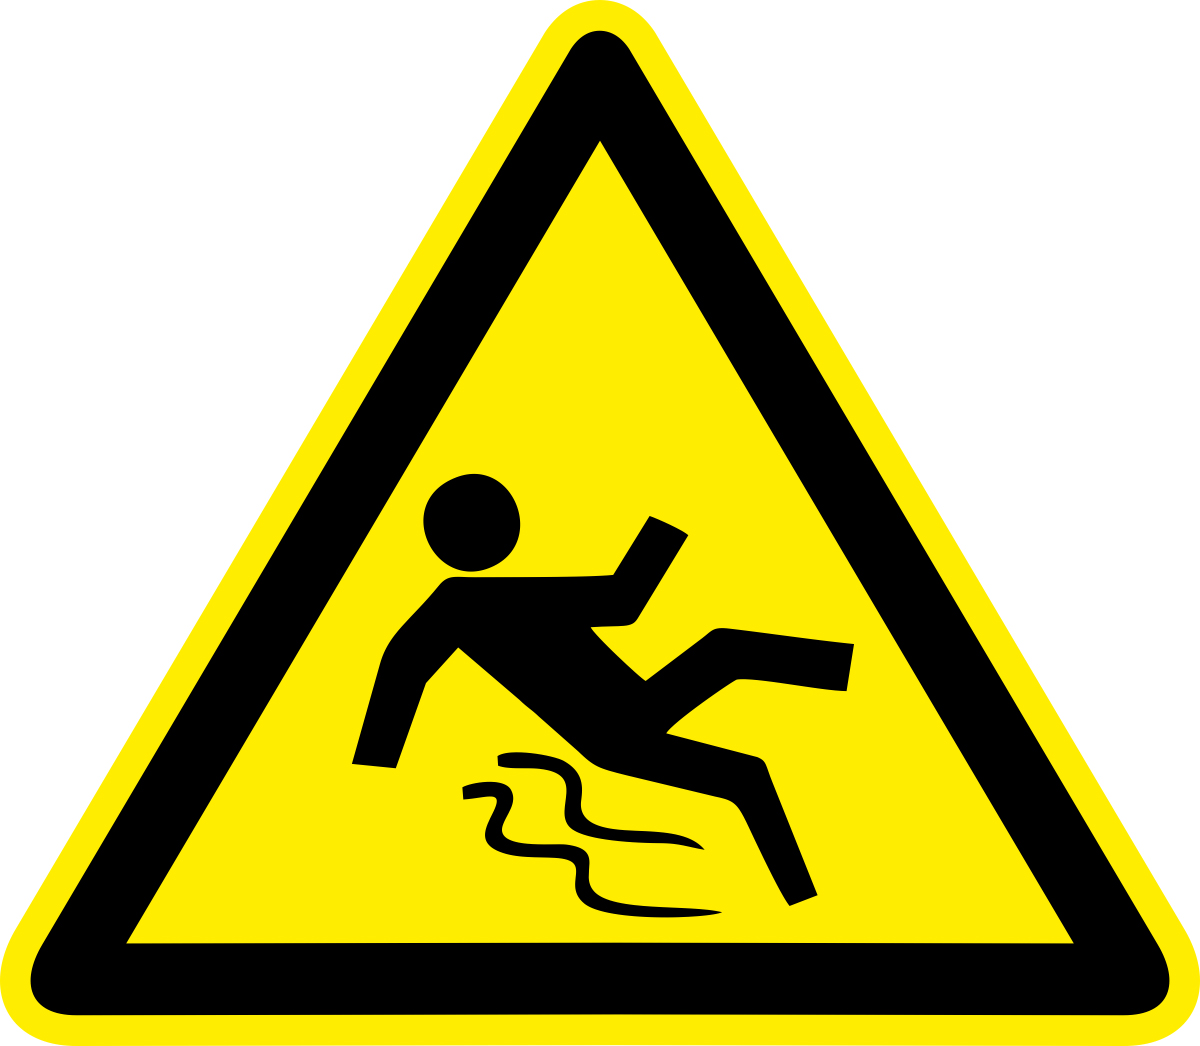 Наклейка информационная Оранжевый Слоник Осторожно. Скользко, 15 х 15 смINW010RGBИнформационные наклейки предназначенны для предупреждения людей о непосредственной или возможной опасности, запрещения, предписания или разрешения определенных действий, а также для информации о расположении объектов и средств, использование которых ислючает или снижает воздействие опасных и (или) вредных факторов.